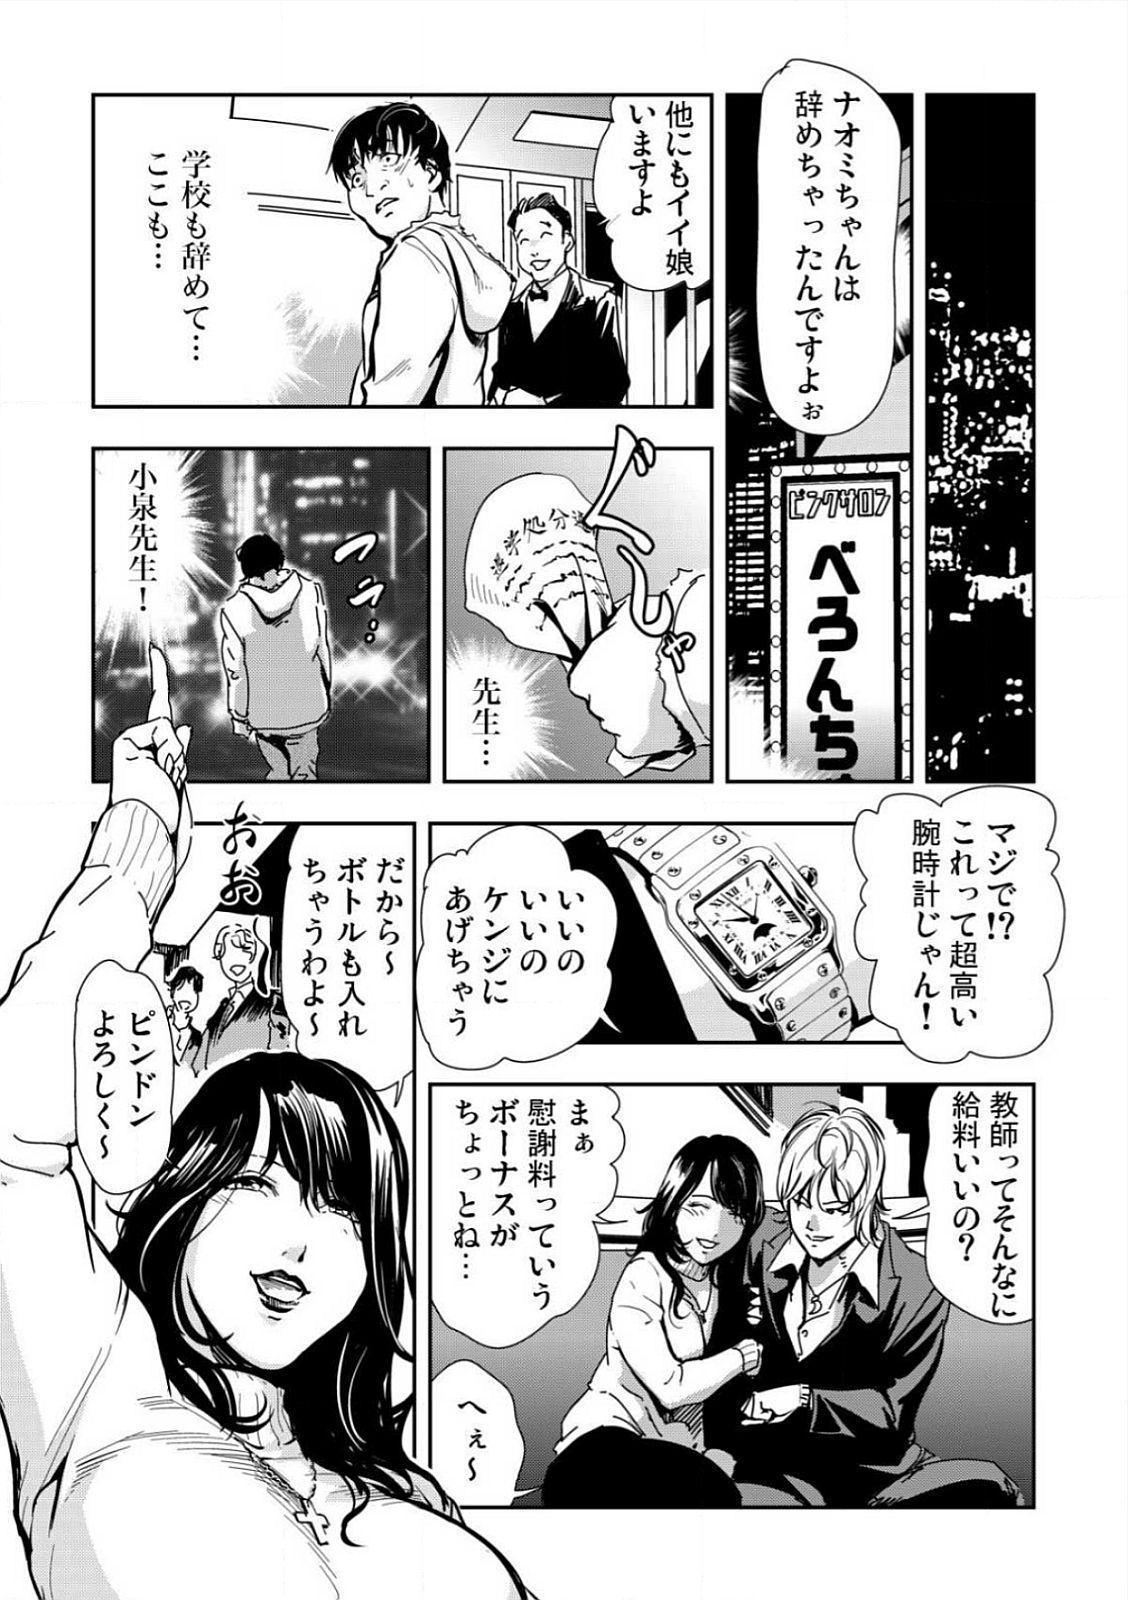 [Misaki Yukihiro] Kyousei Shidou ~Mechakucha ni Kegasarete~ (1)~(6) [Digital] 77